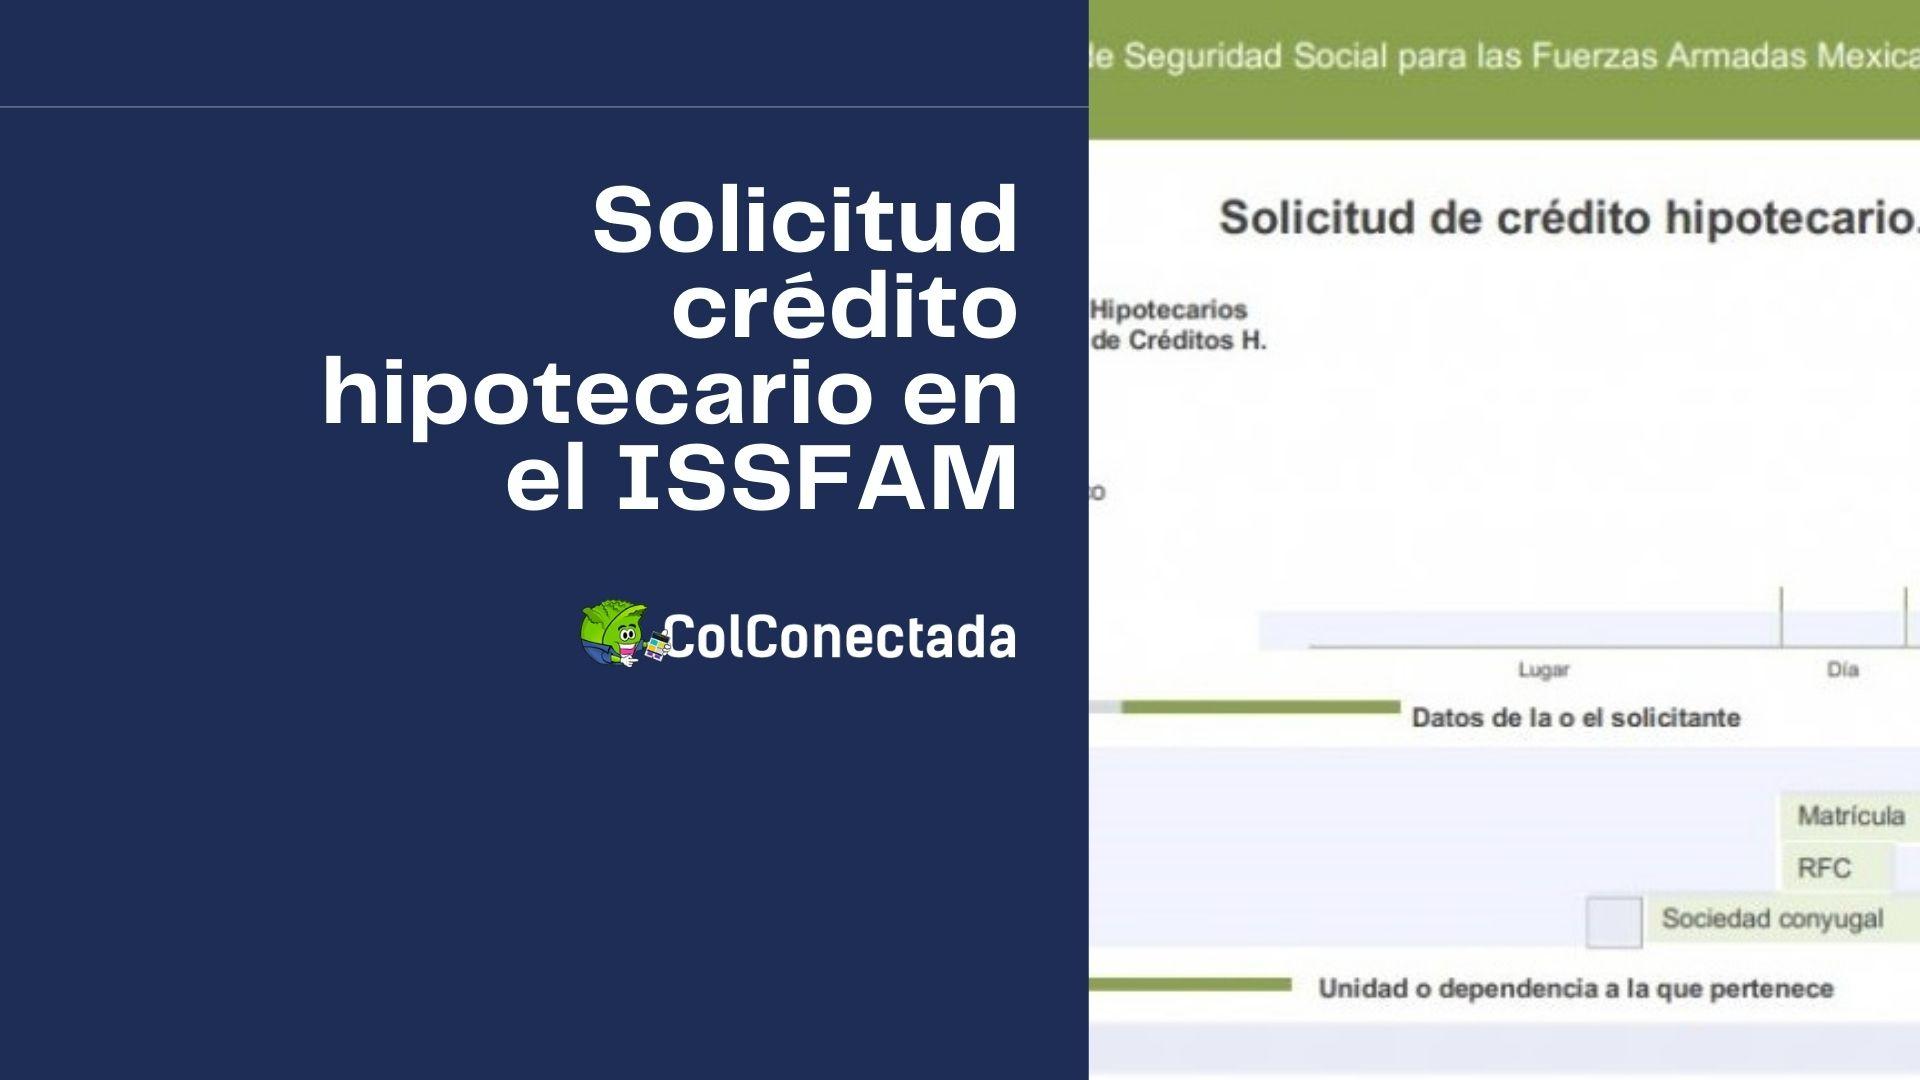 Cómo solicitar un crédito hipotecario en el ISSFAM 3